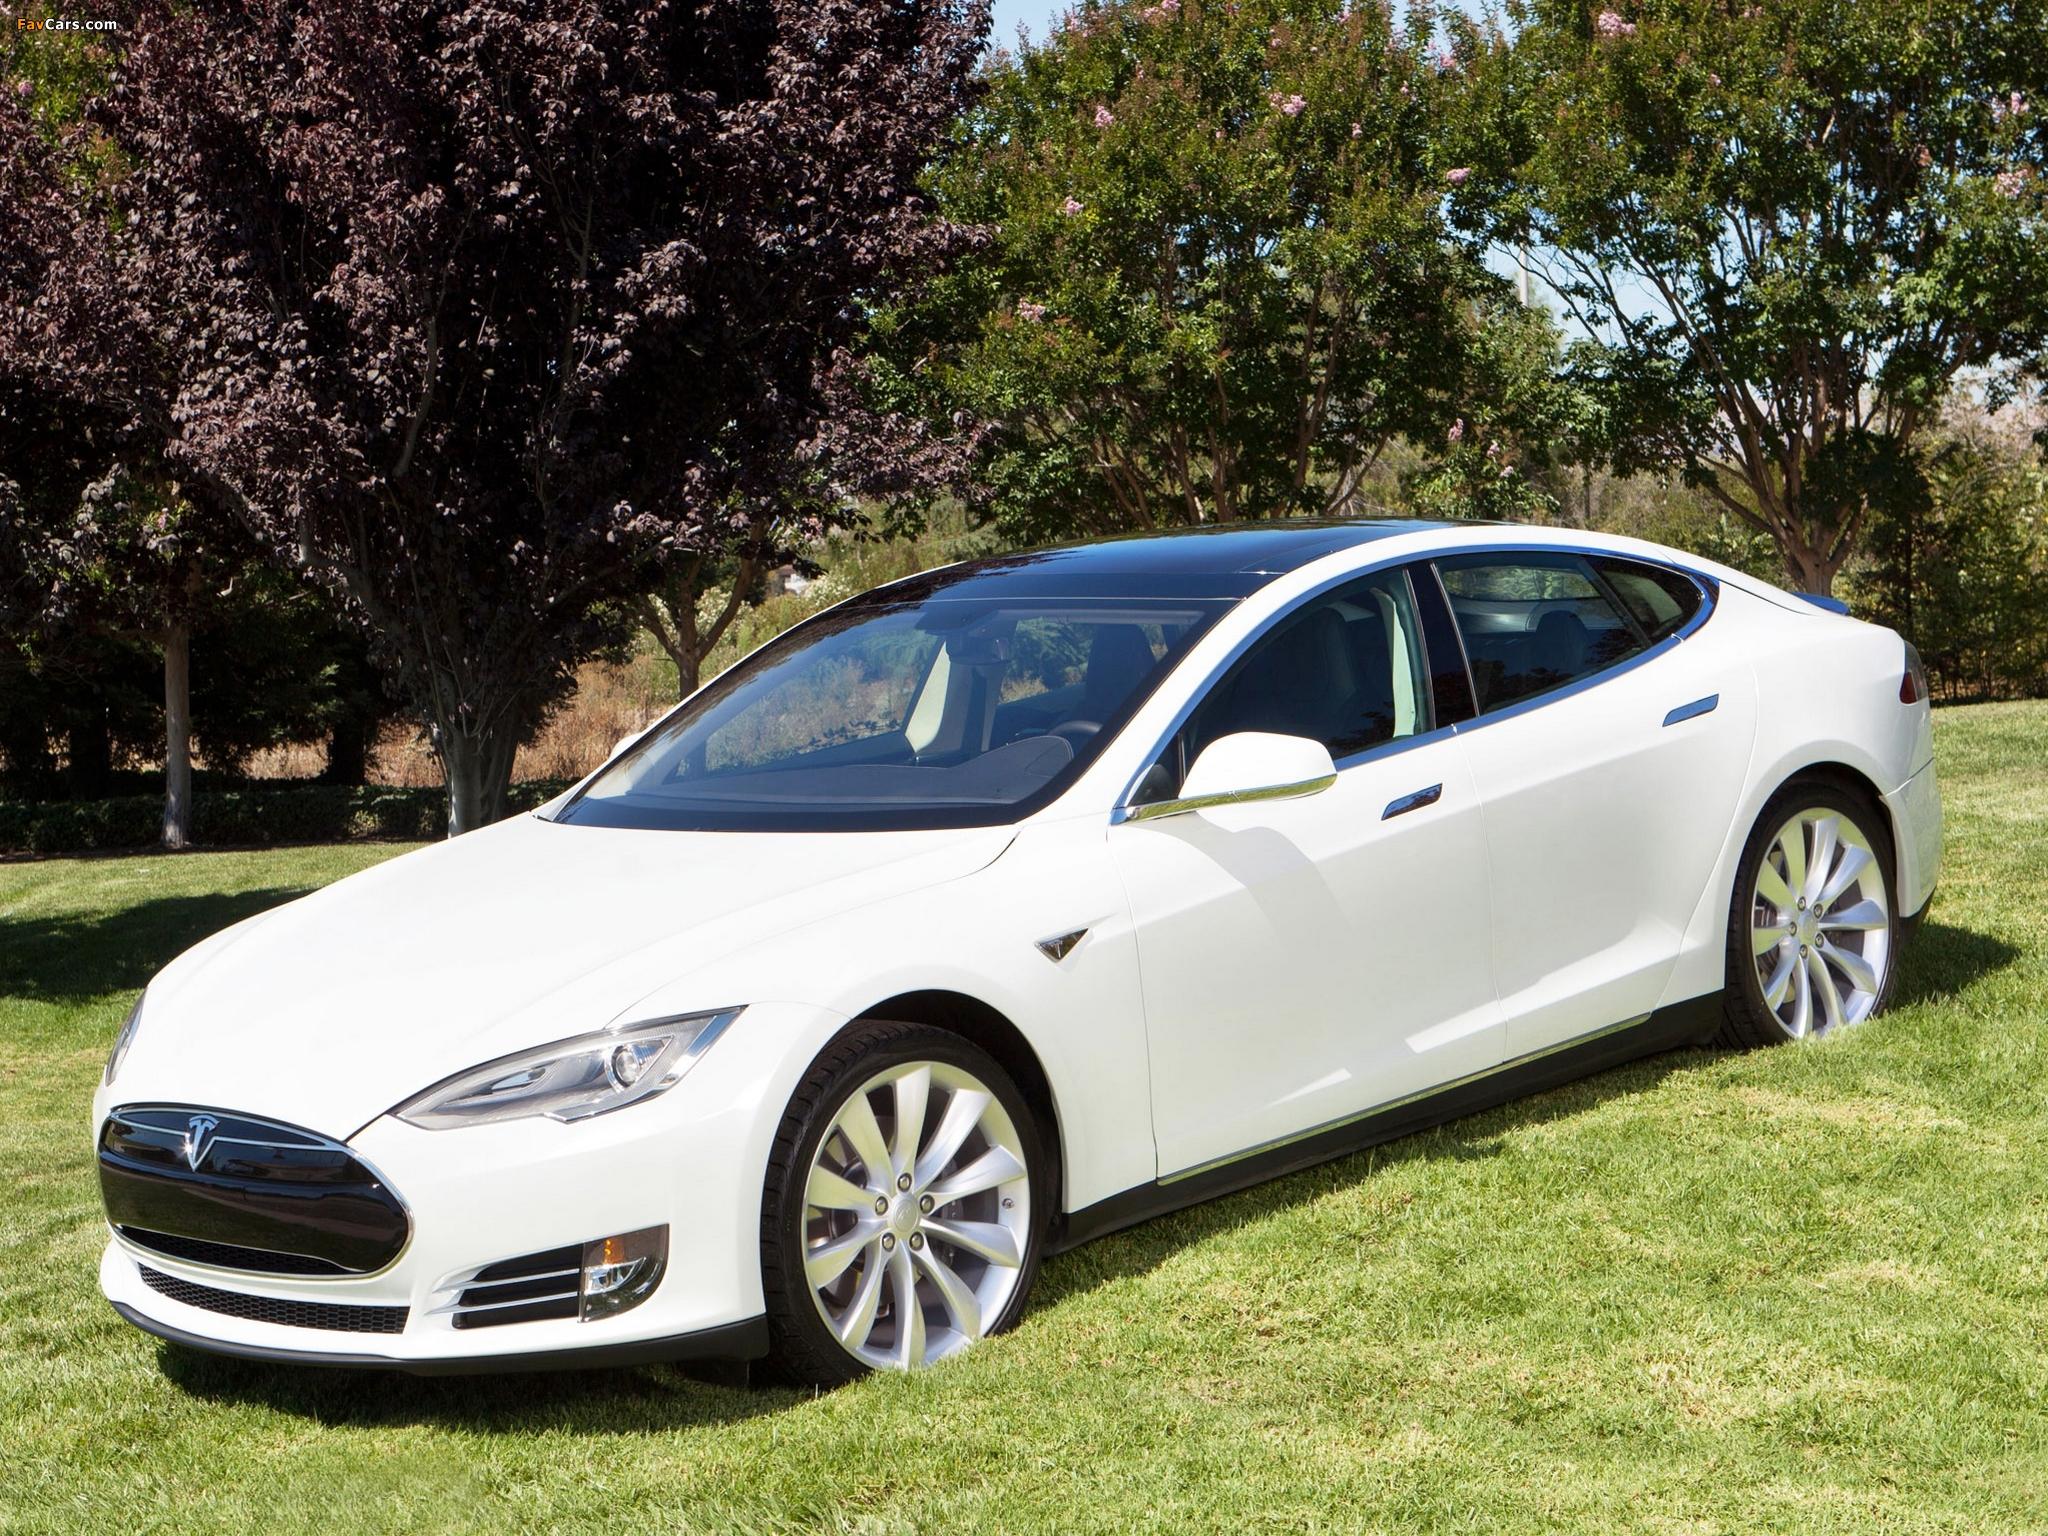 Фото Тесла (Tesla Motors). Фотографии электромобилей Tesla